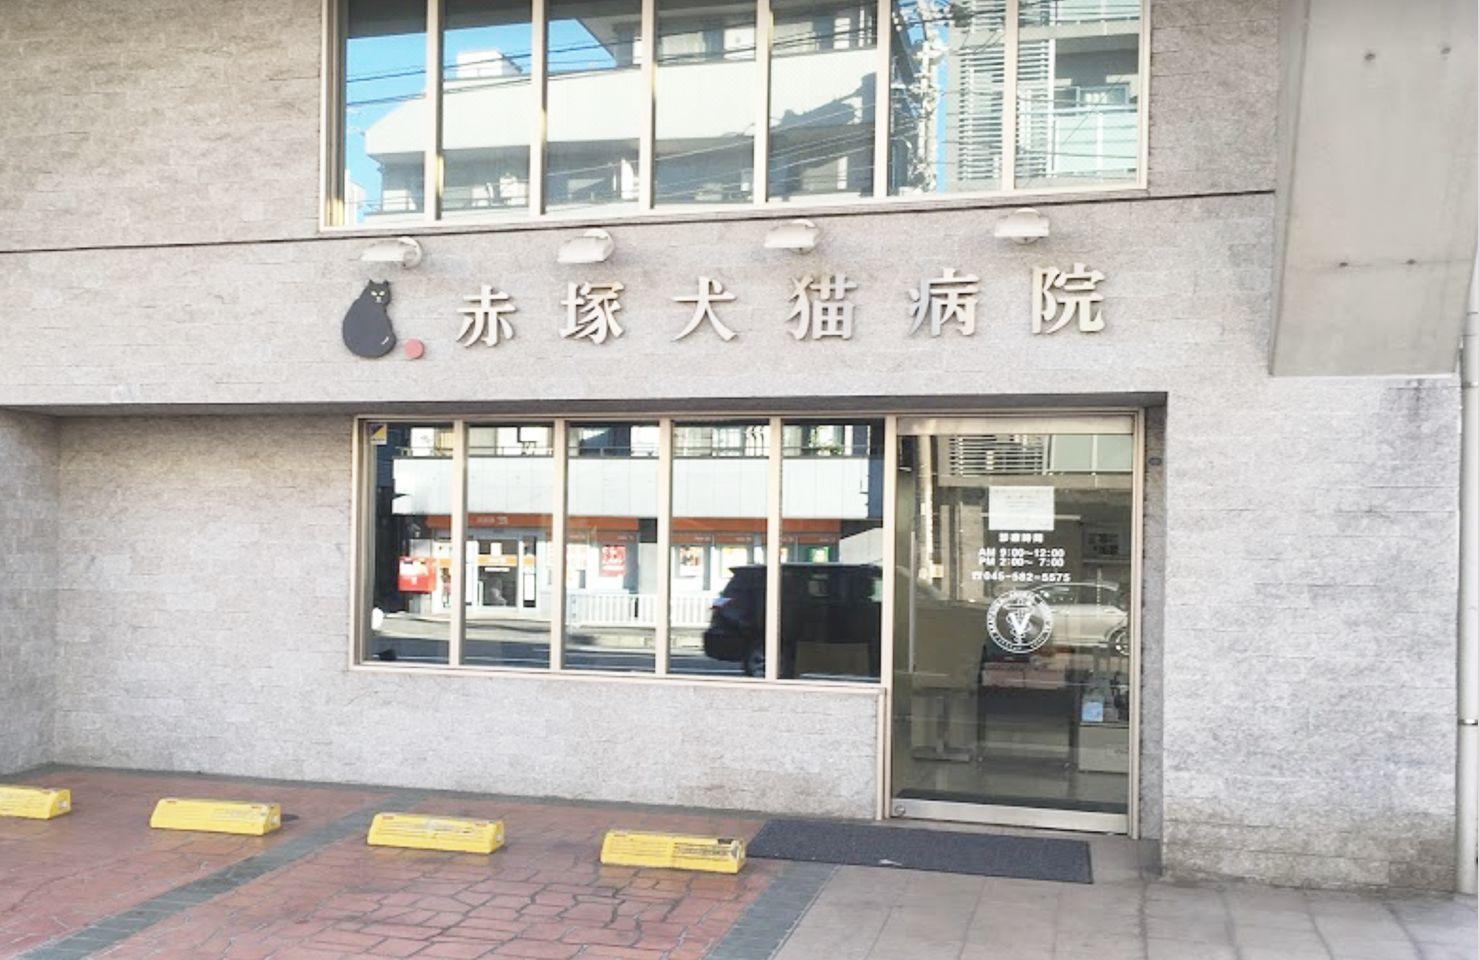 下末吉赤塚犬猫病院